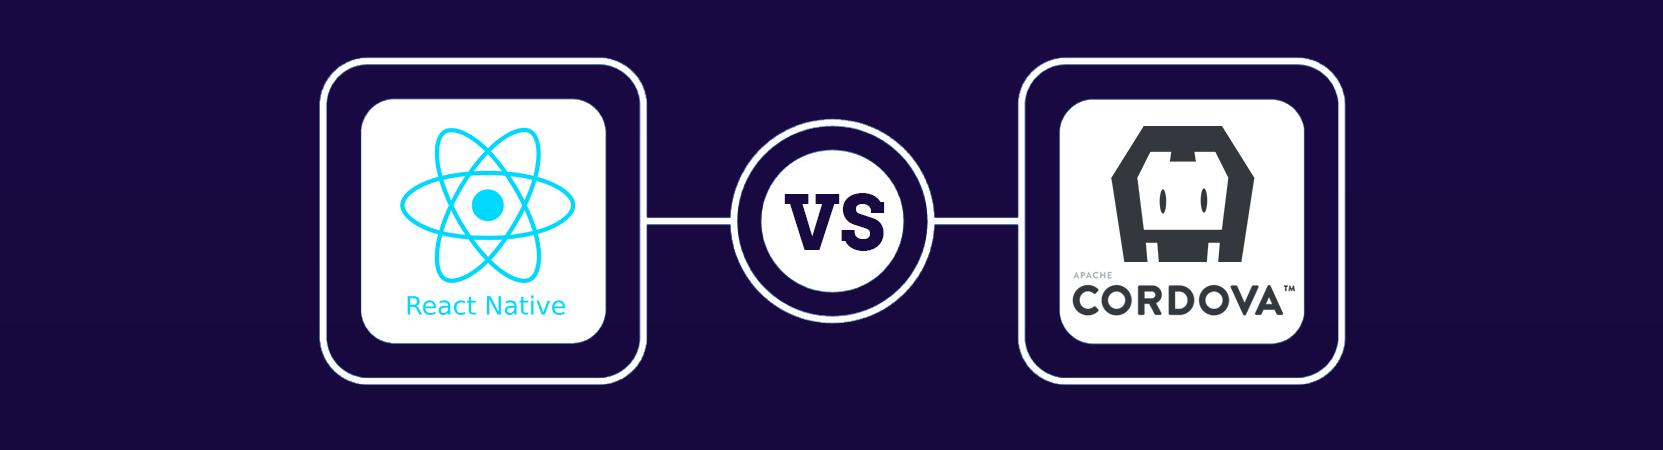 react native vs cordova